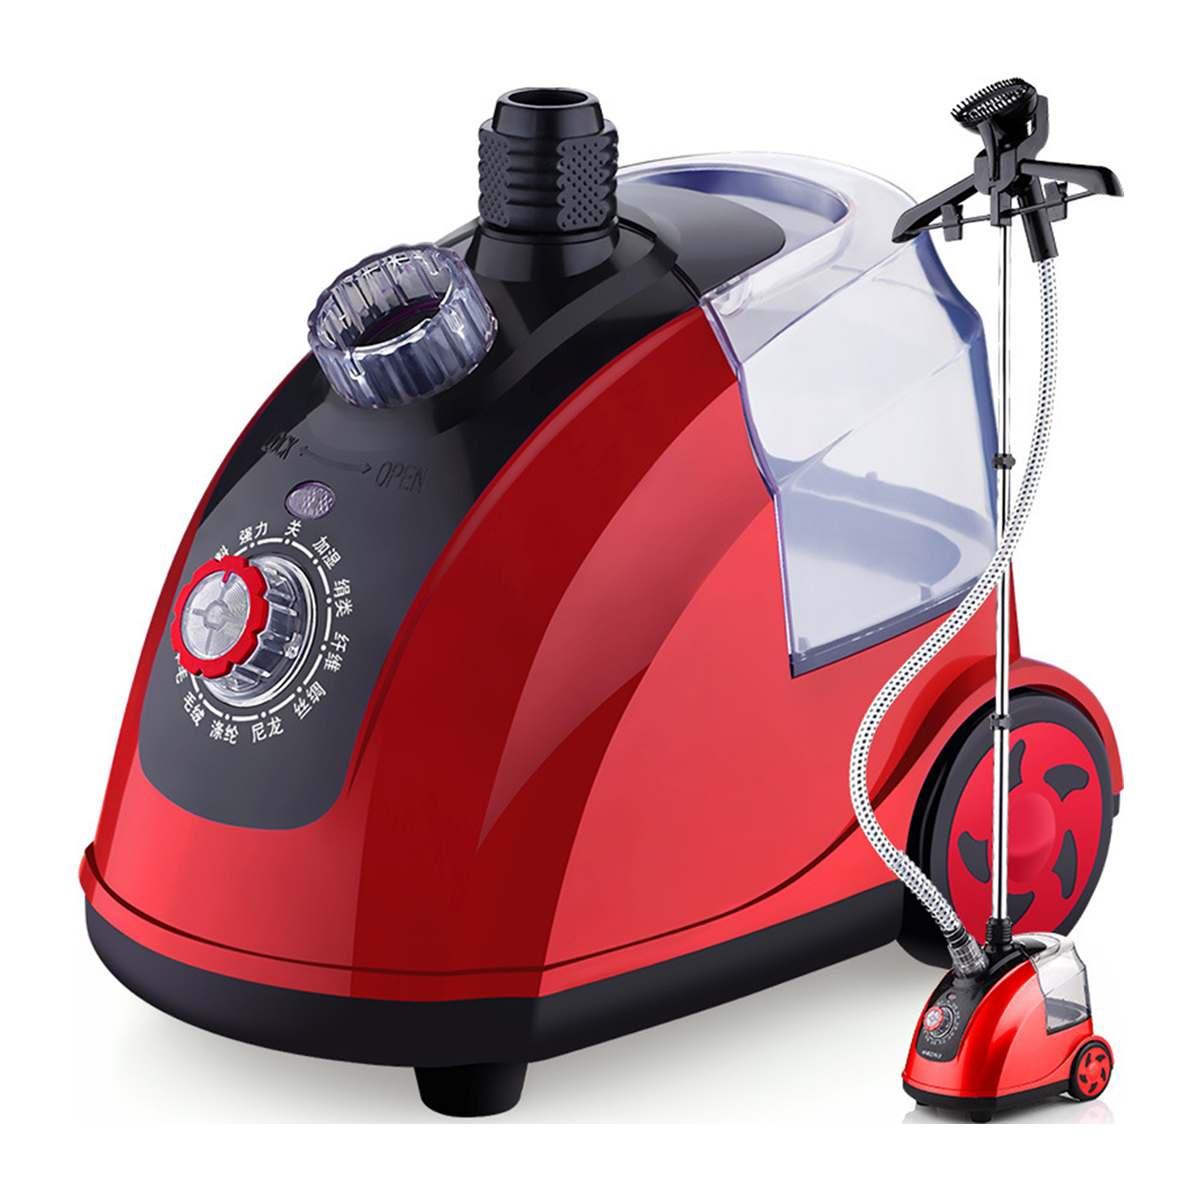 Vaporizador de prendas de hierro, vaporizador de ropa ajustable con 70 minutos de Vapor continuo 1800W 1.8L tanque de agua 26s de vapor rápido